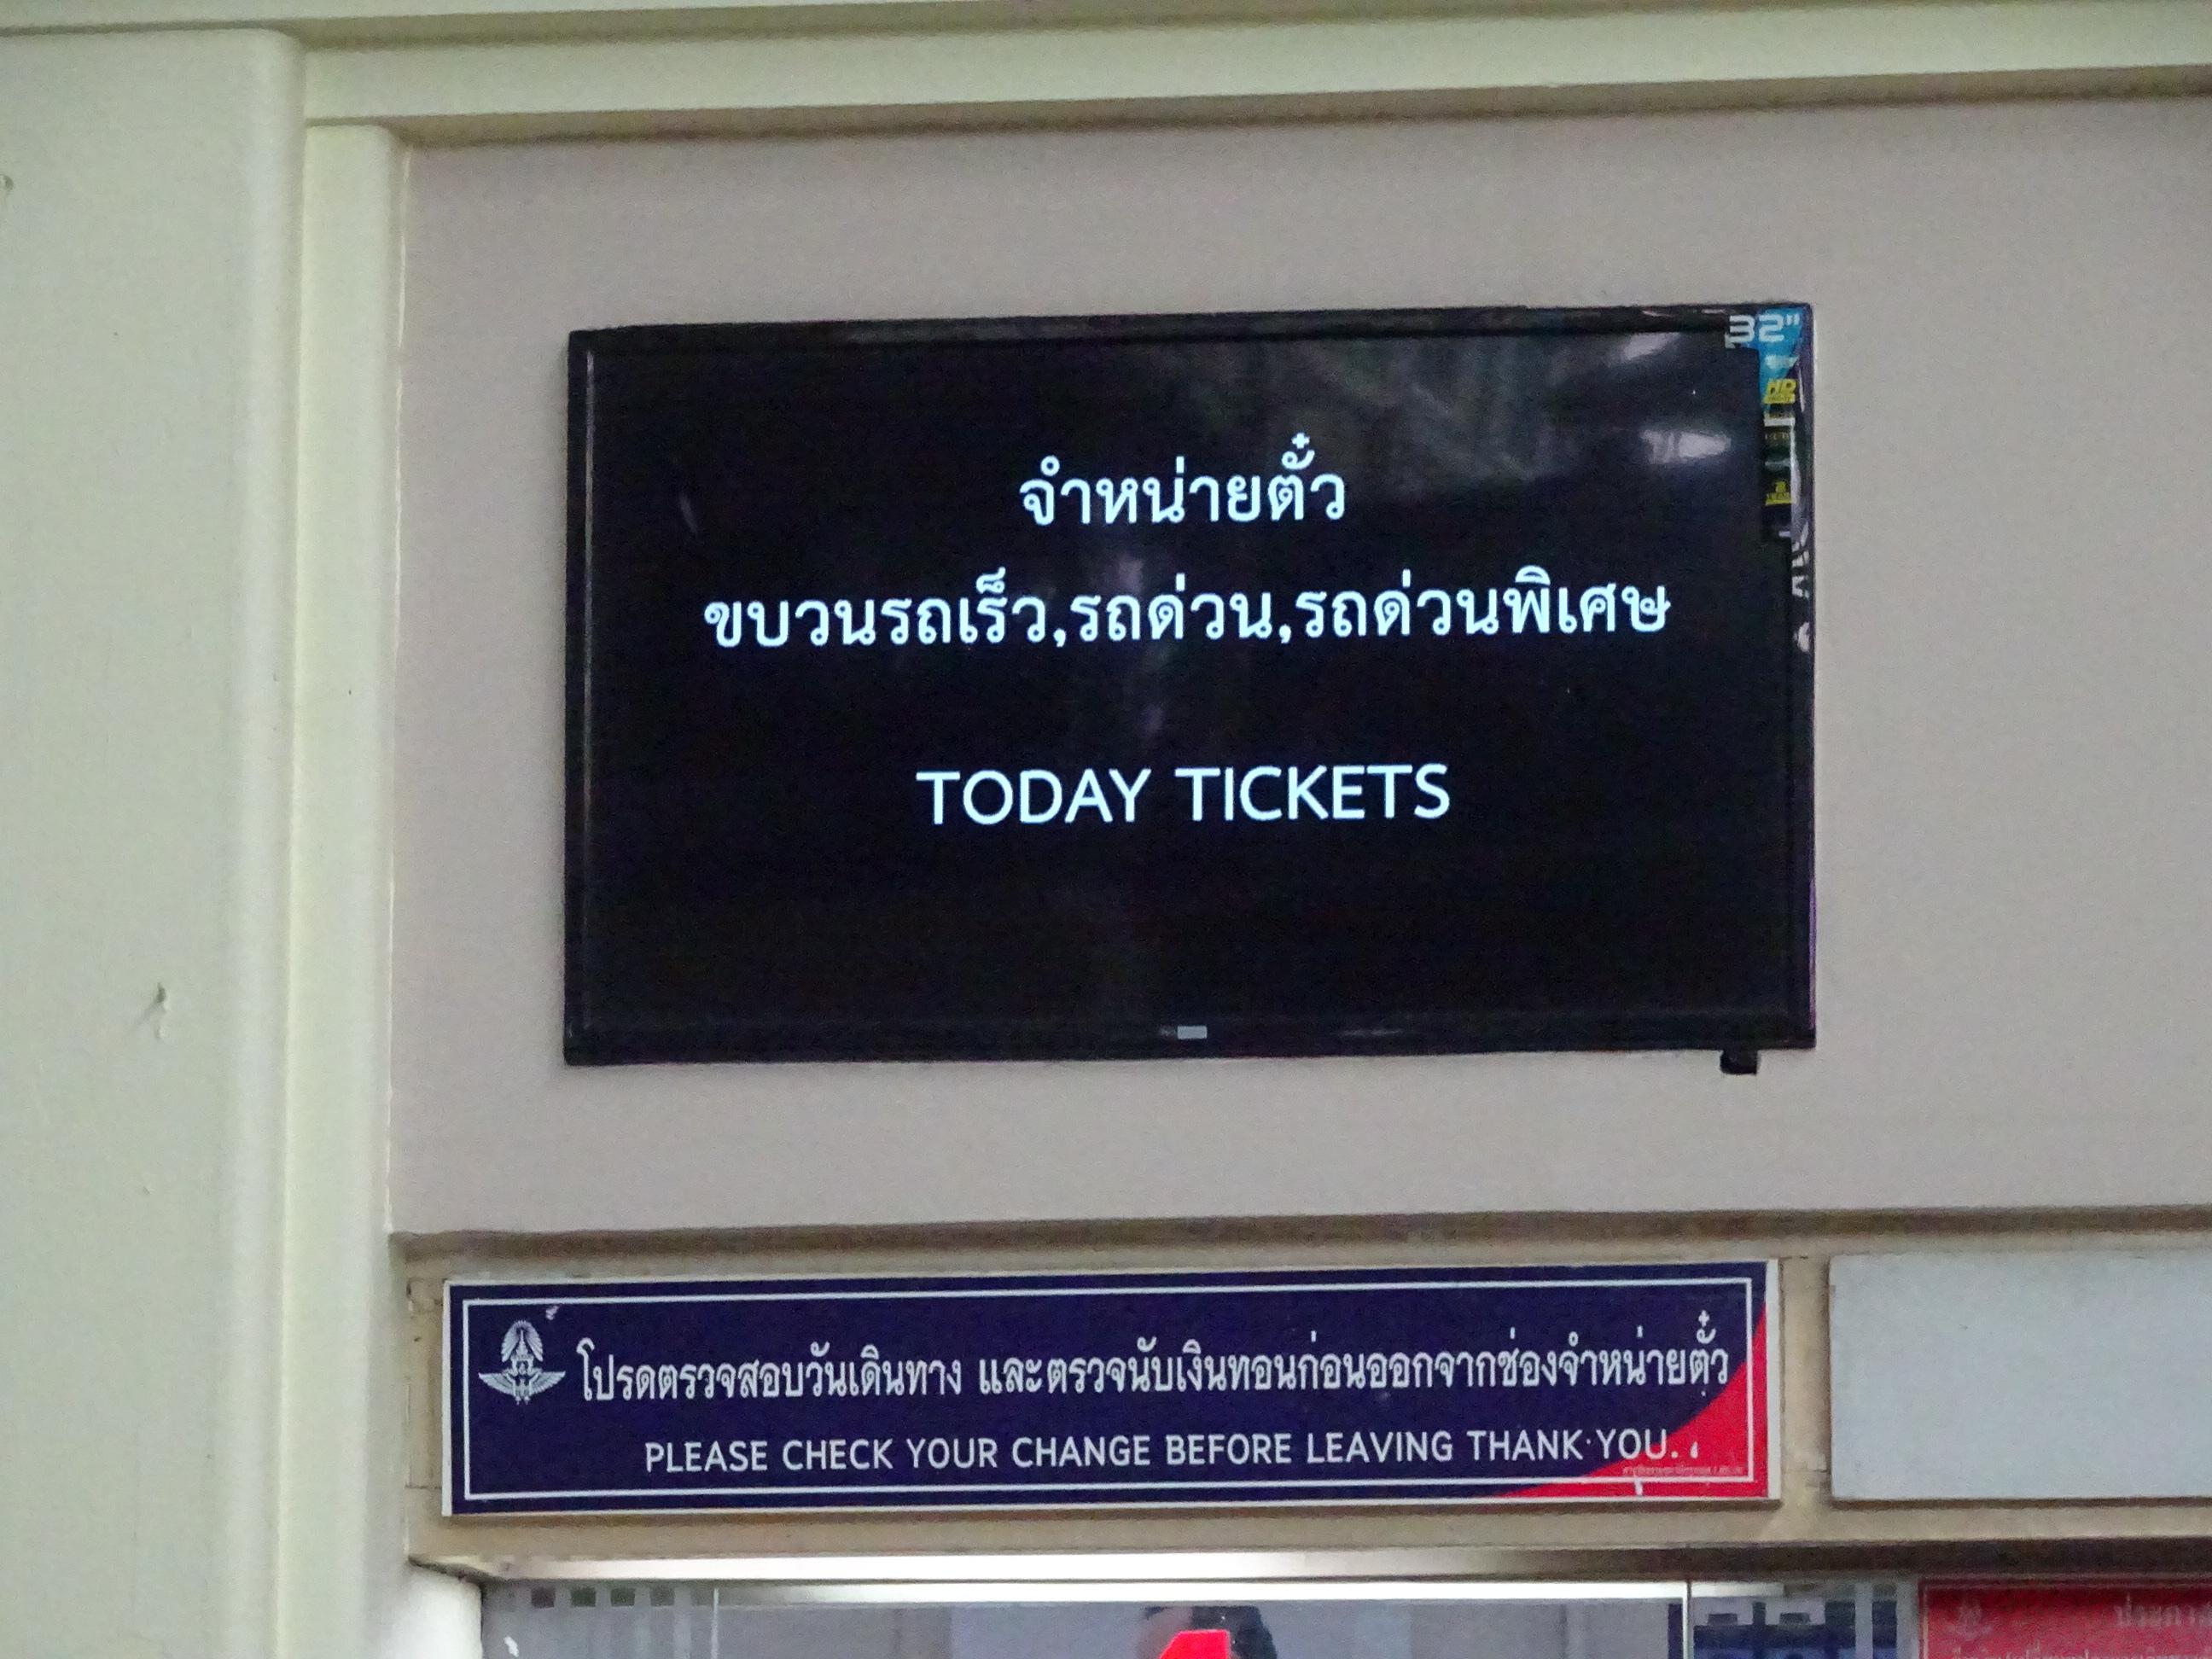 バンコクからラオス行きのチケットを買う売り場の画面